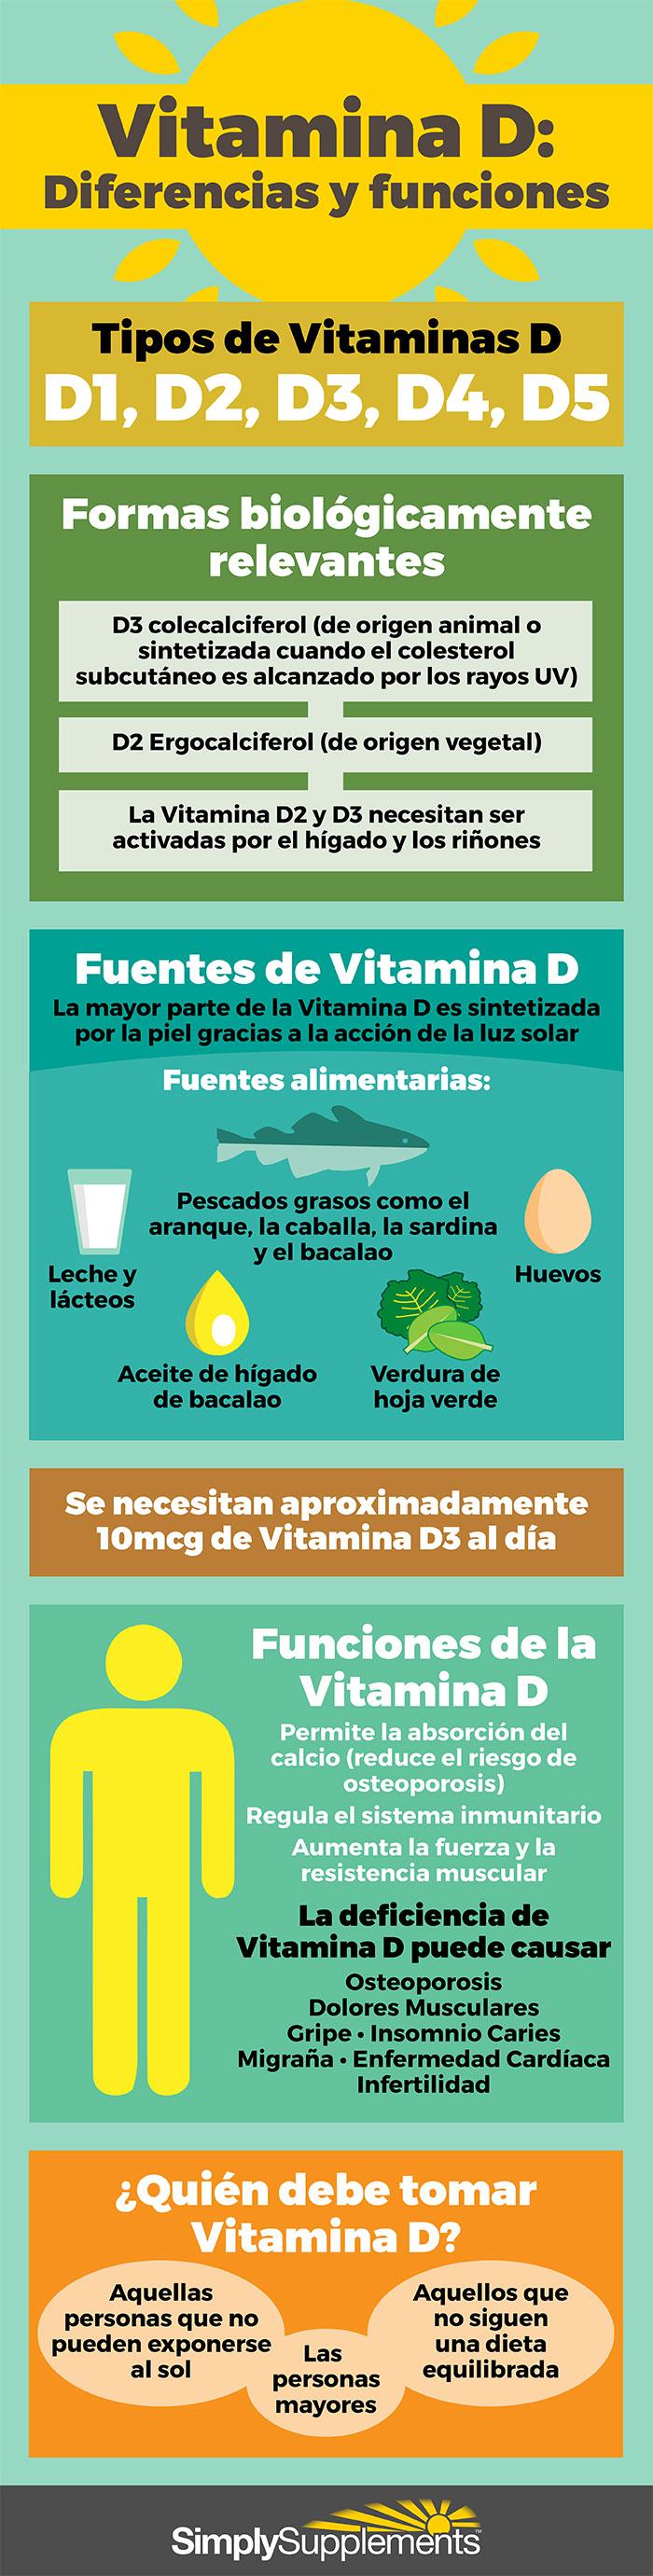 infografia-vitamina-d-diferencias-y-funciones